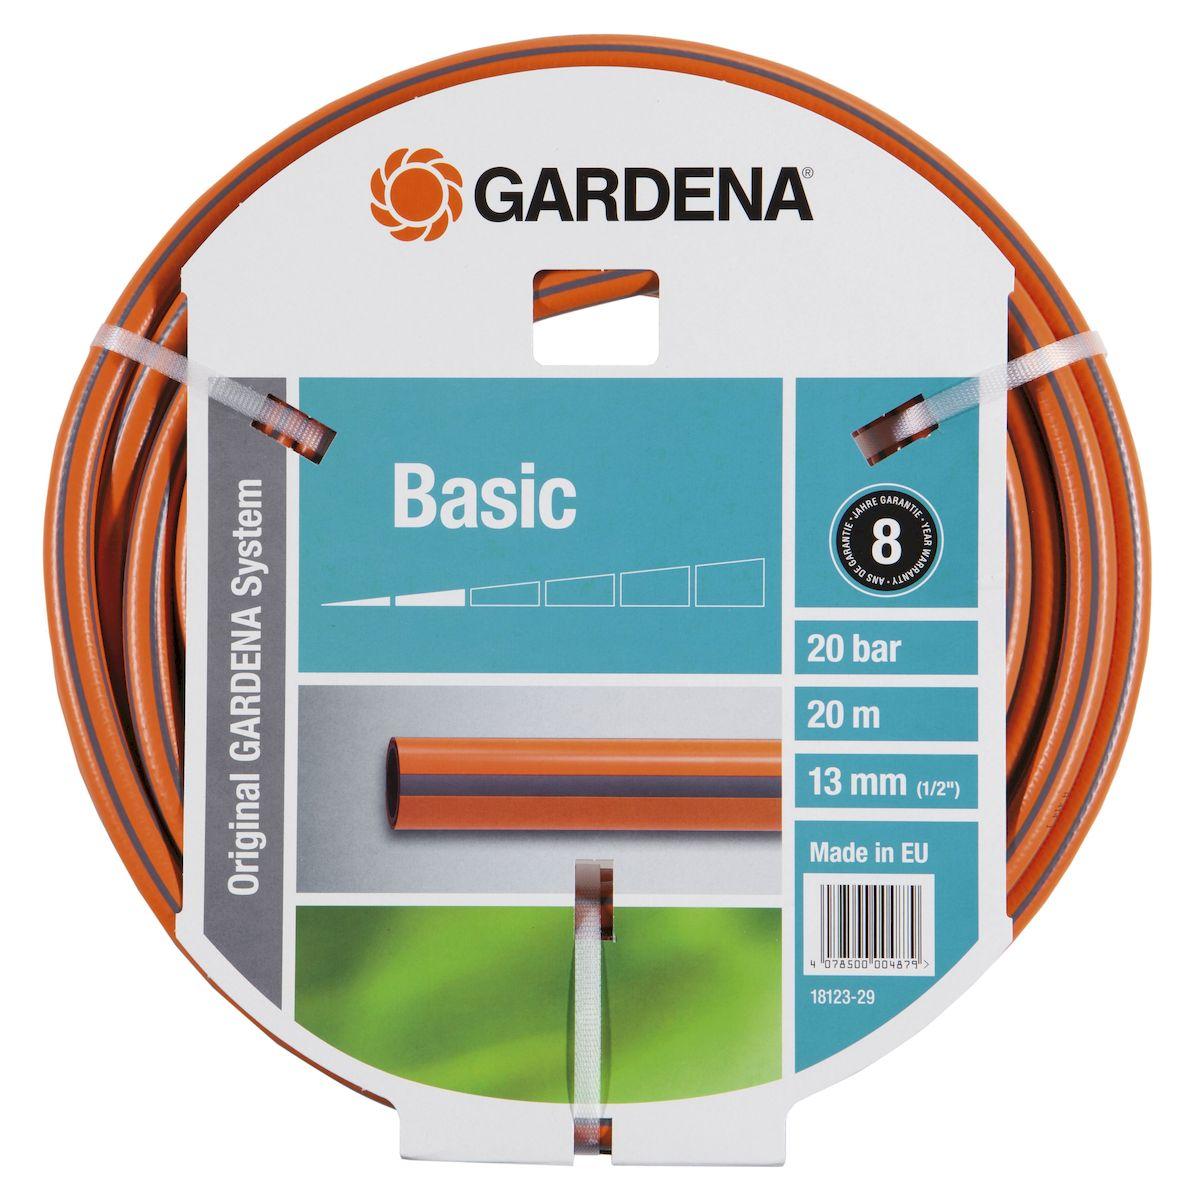 Шланг Gardena Basic, армированный, диаметр 13 мм, длина 20